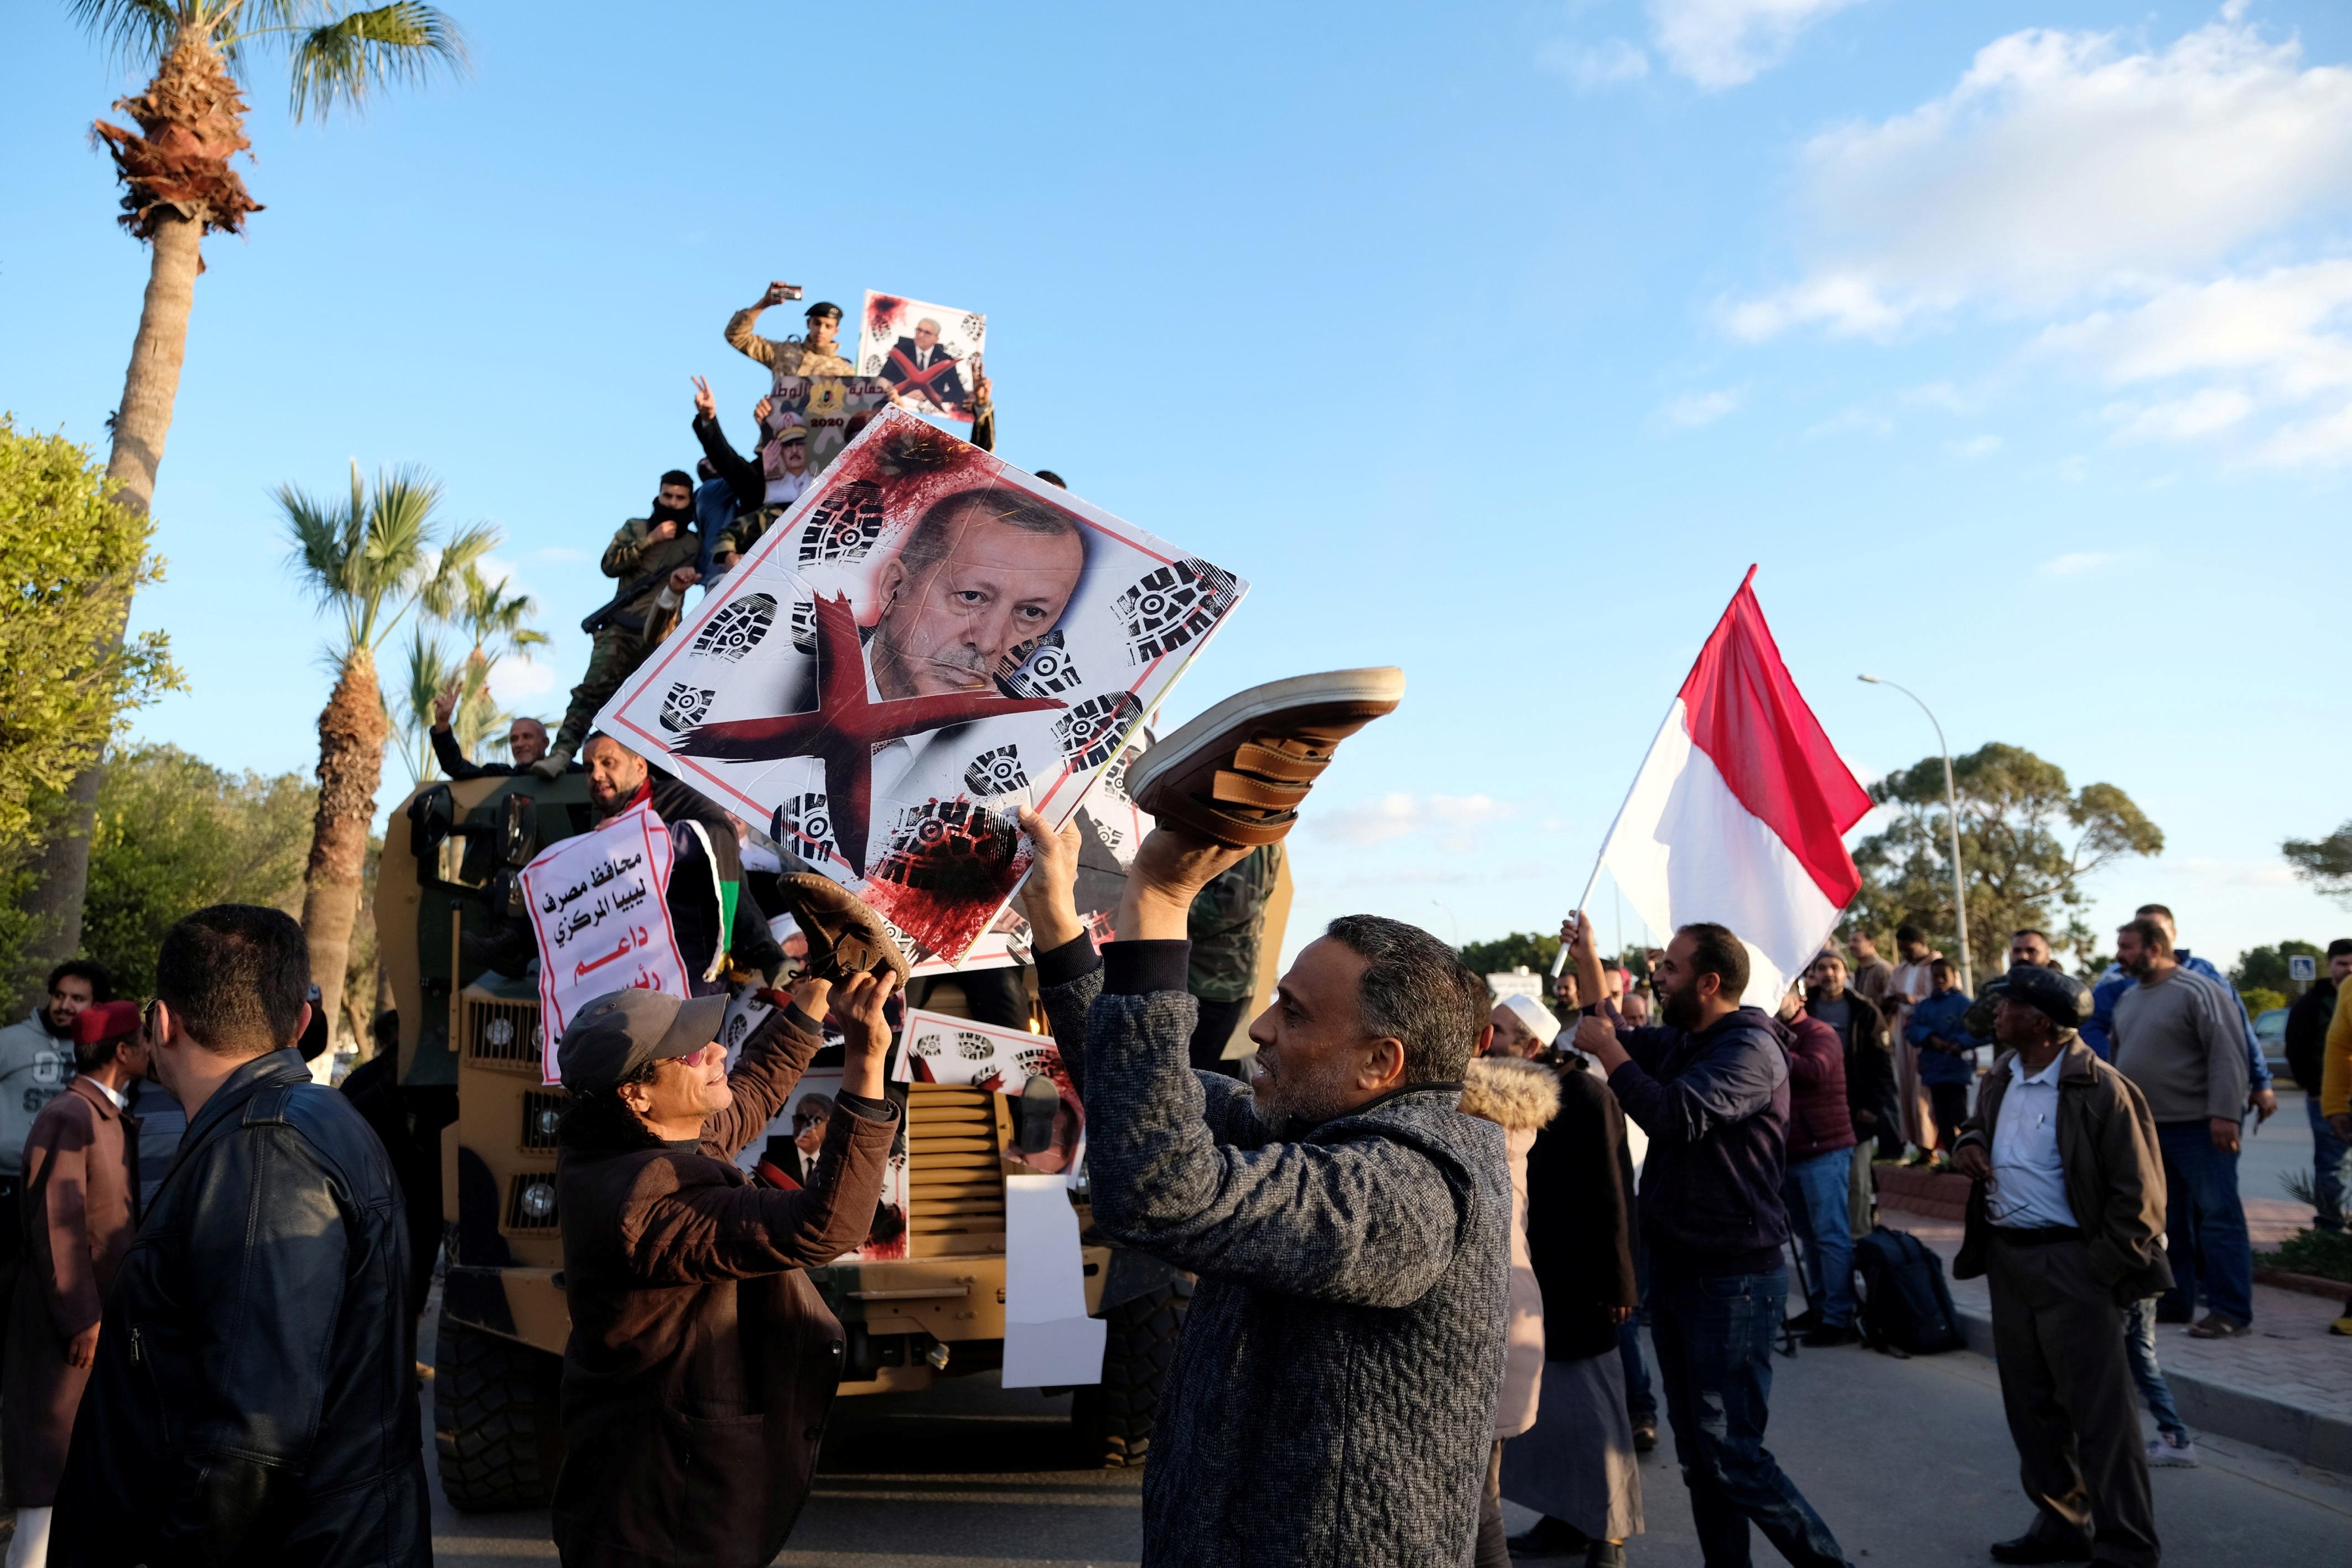 Λιβύη: Να φύγουν οι μισθοφόροι ζητά τροποποιημένο σχέδιο του ΟΗΕ